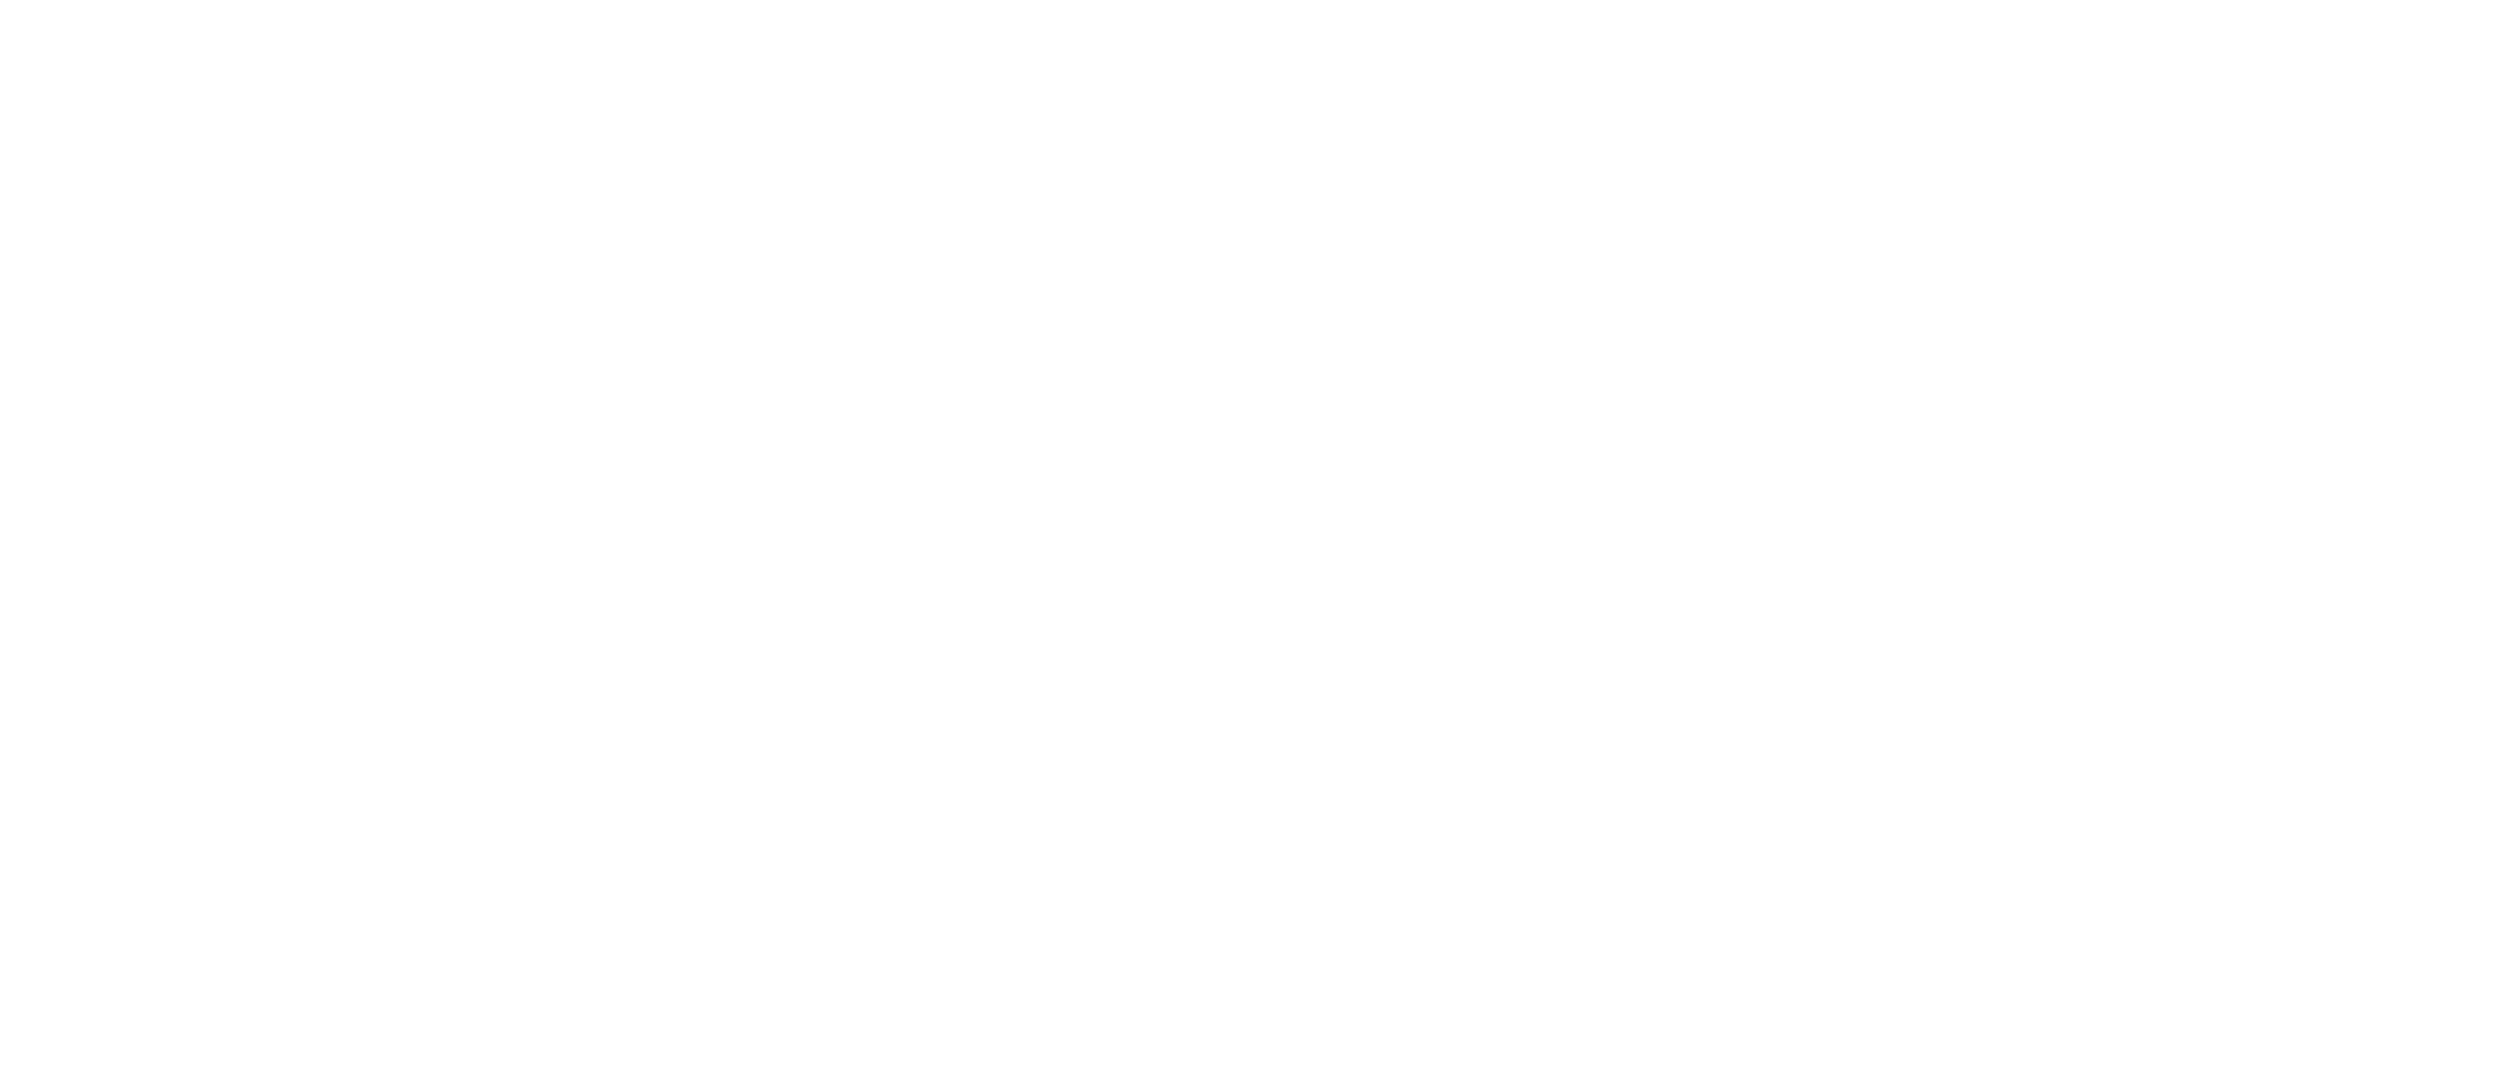 Logotipo de Puertas luthier